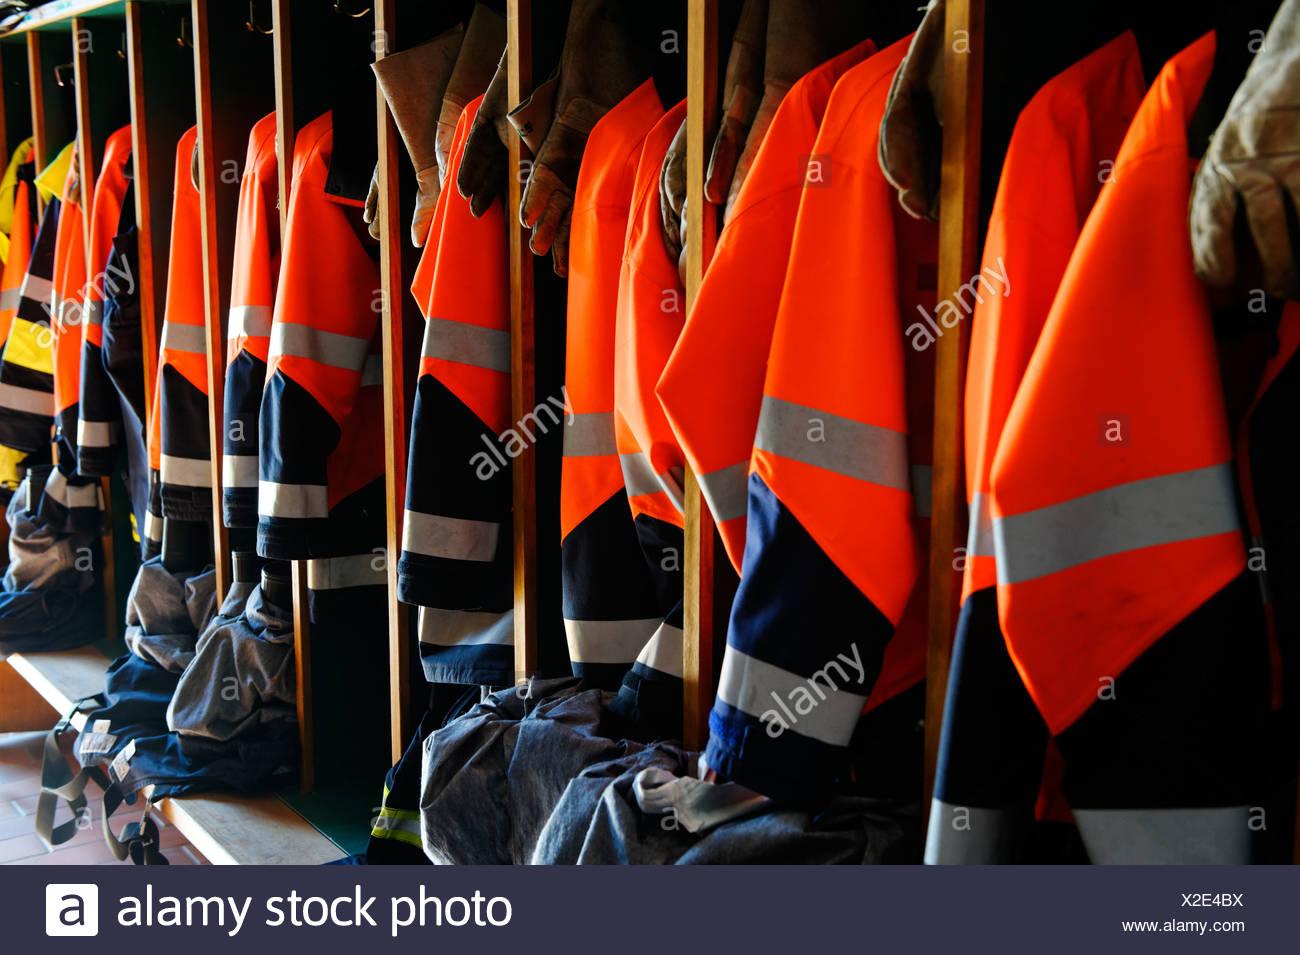 Indumenti di protezione per vigili del fuoco, Muernsee, Bad Heilbrunn, Alta Baviera, Baviera Immagini Stock